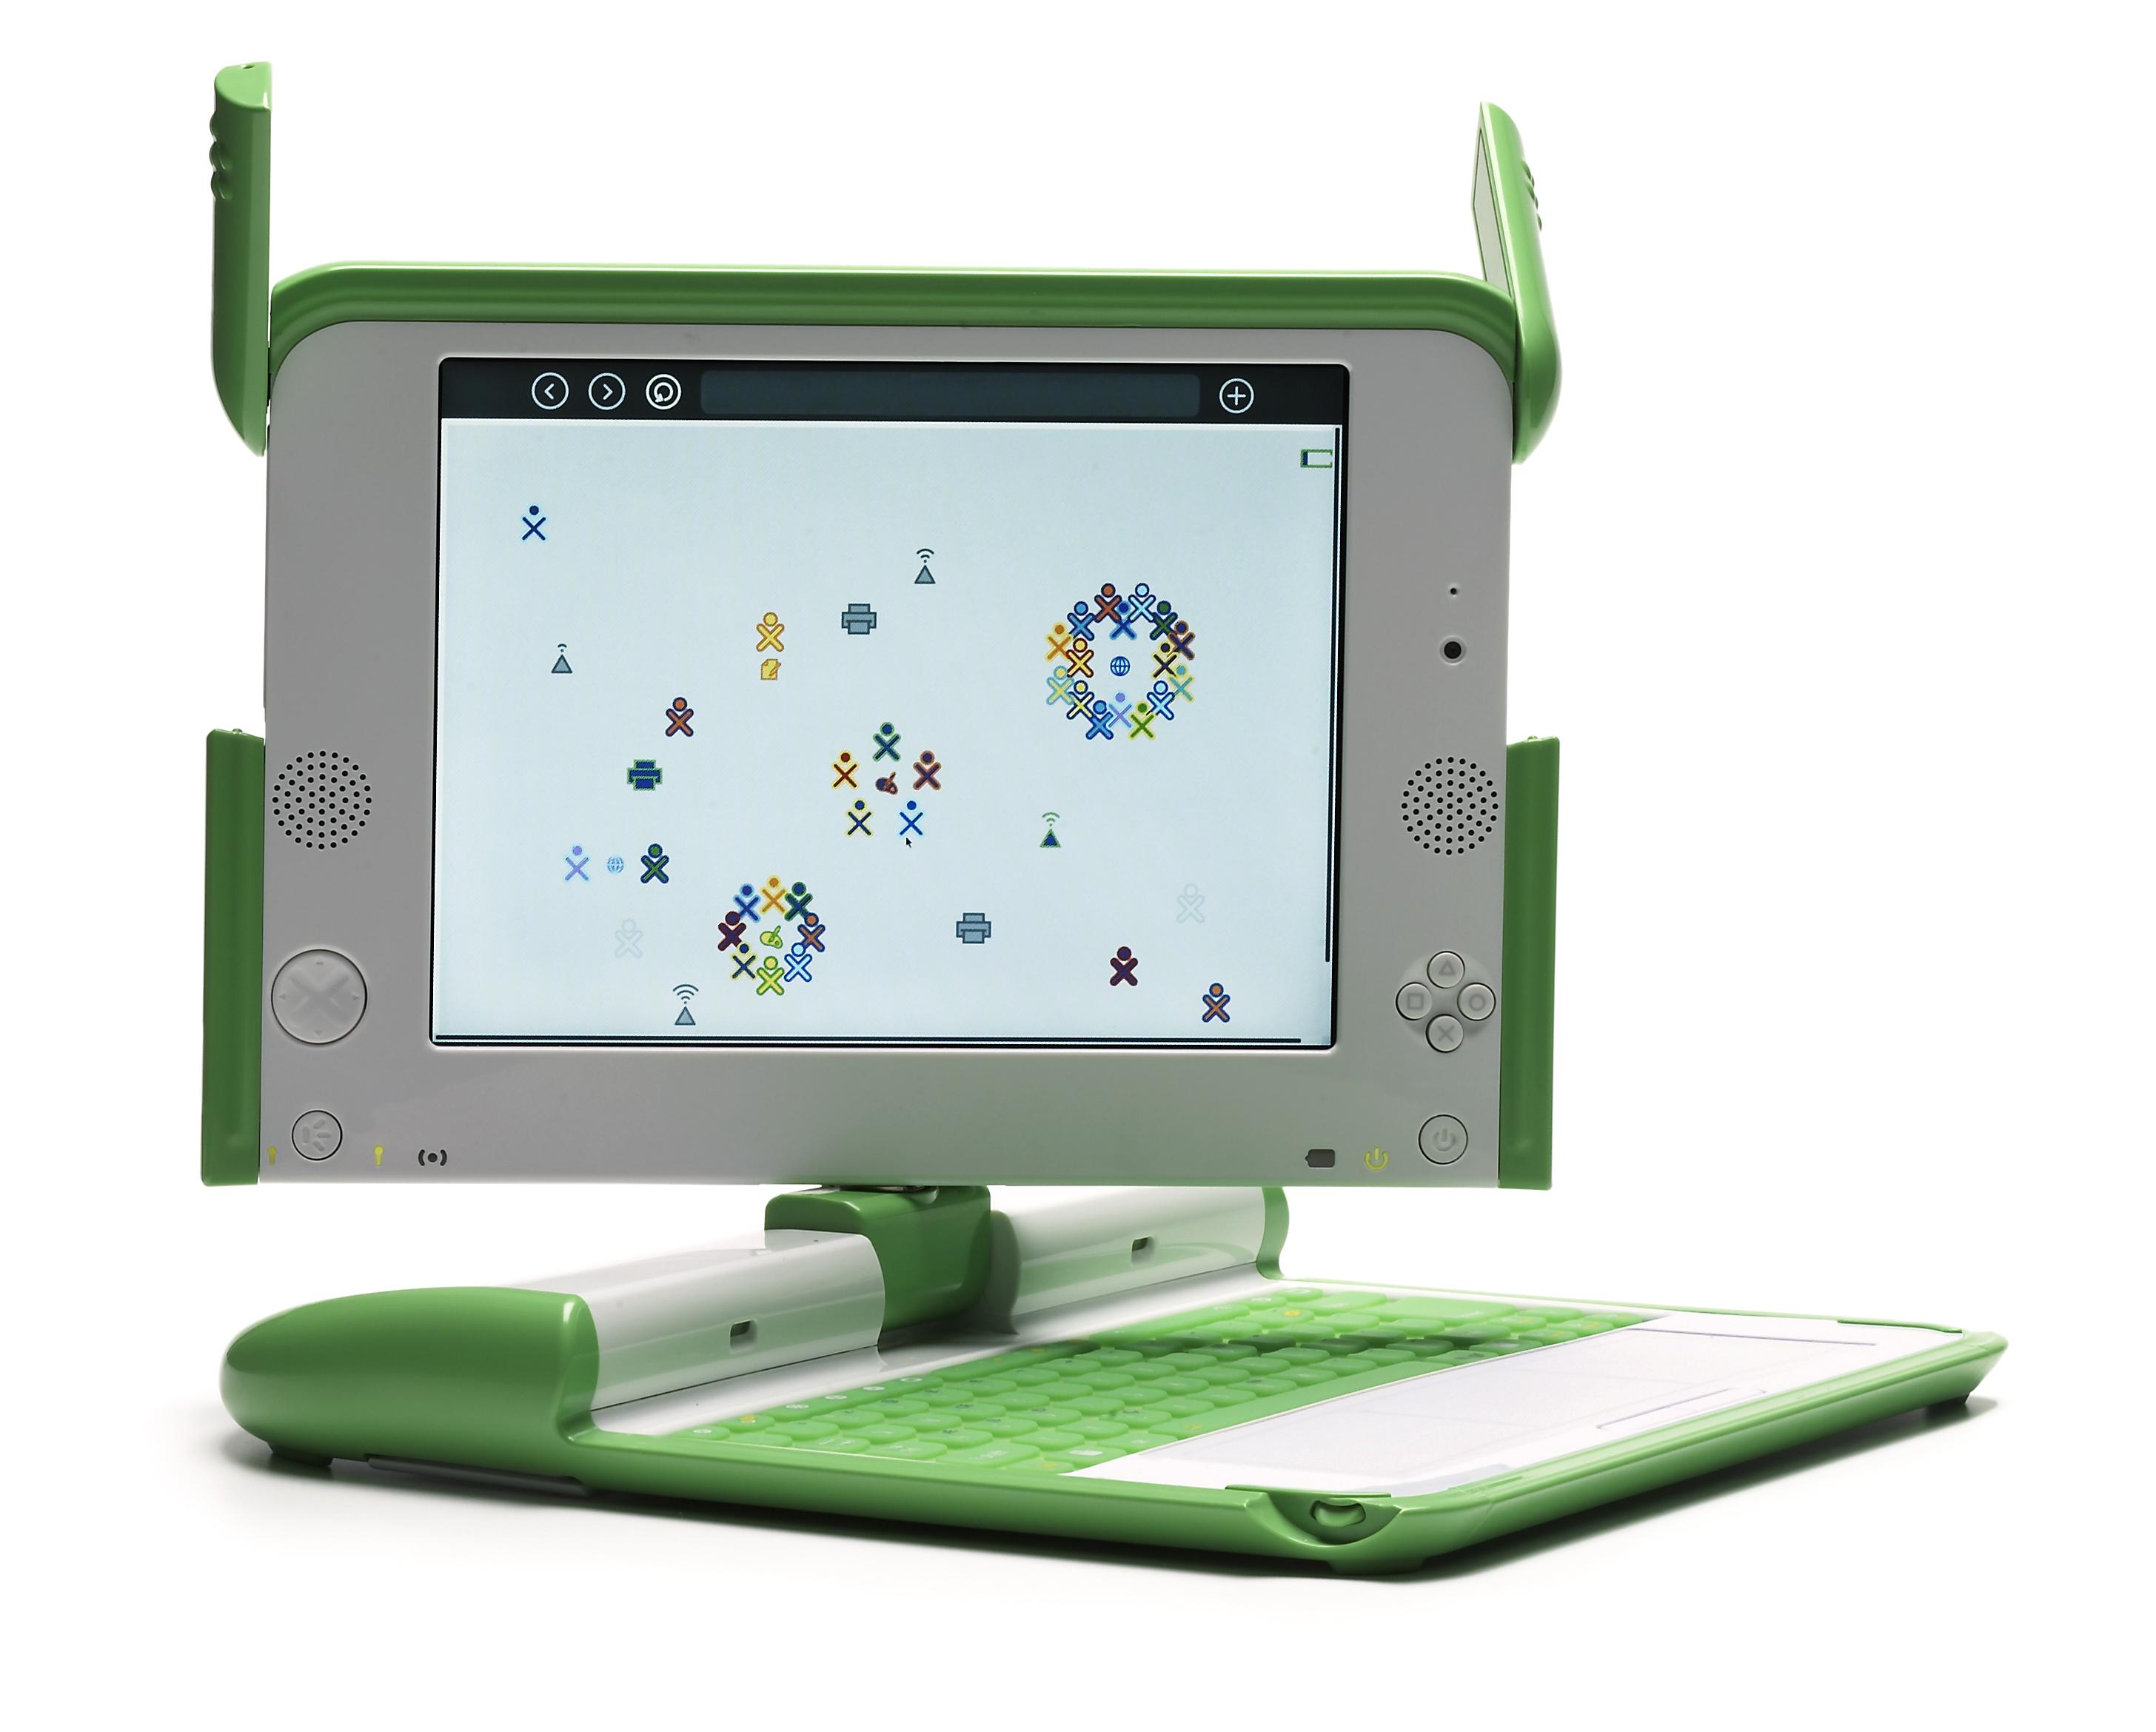 Windows llega con arranque dual para OLPC